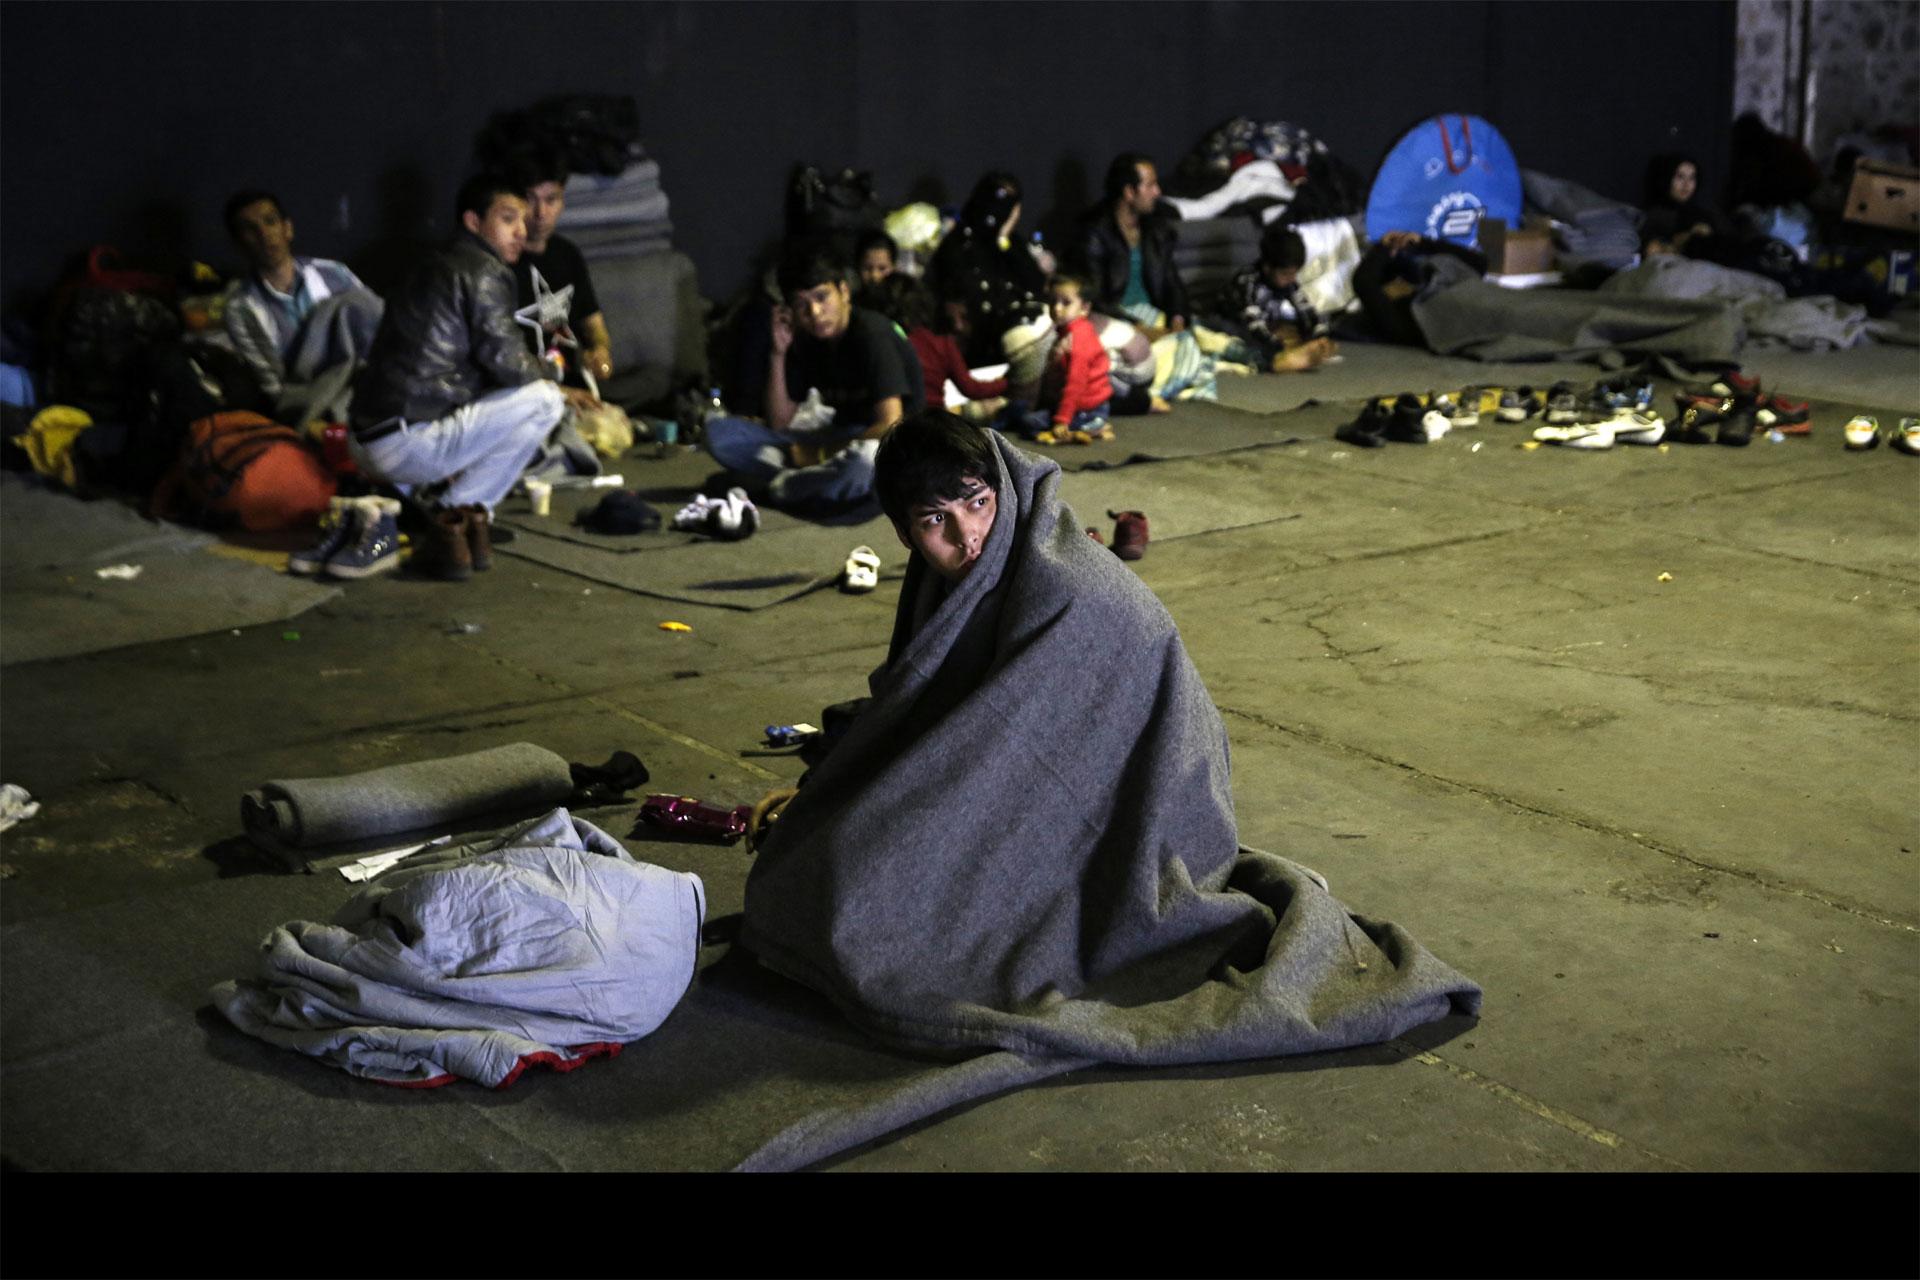 Propuso destinar 700 millones de euros para los países miembro más afectados por la crisis de refugiados